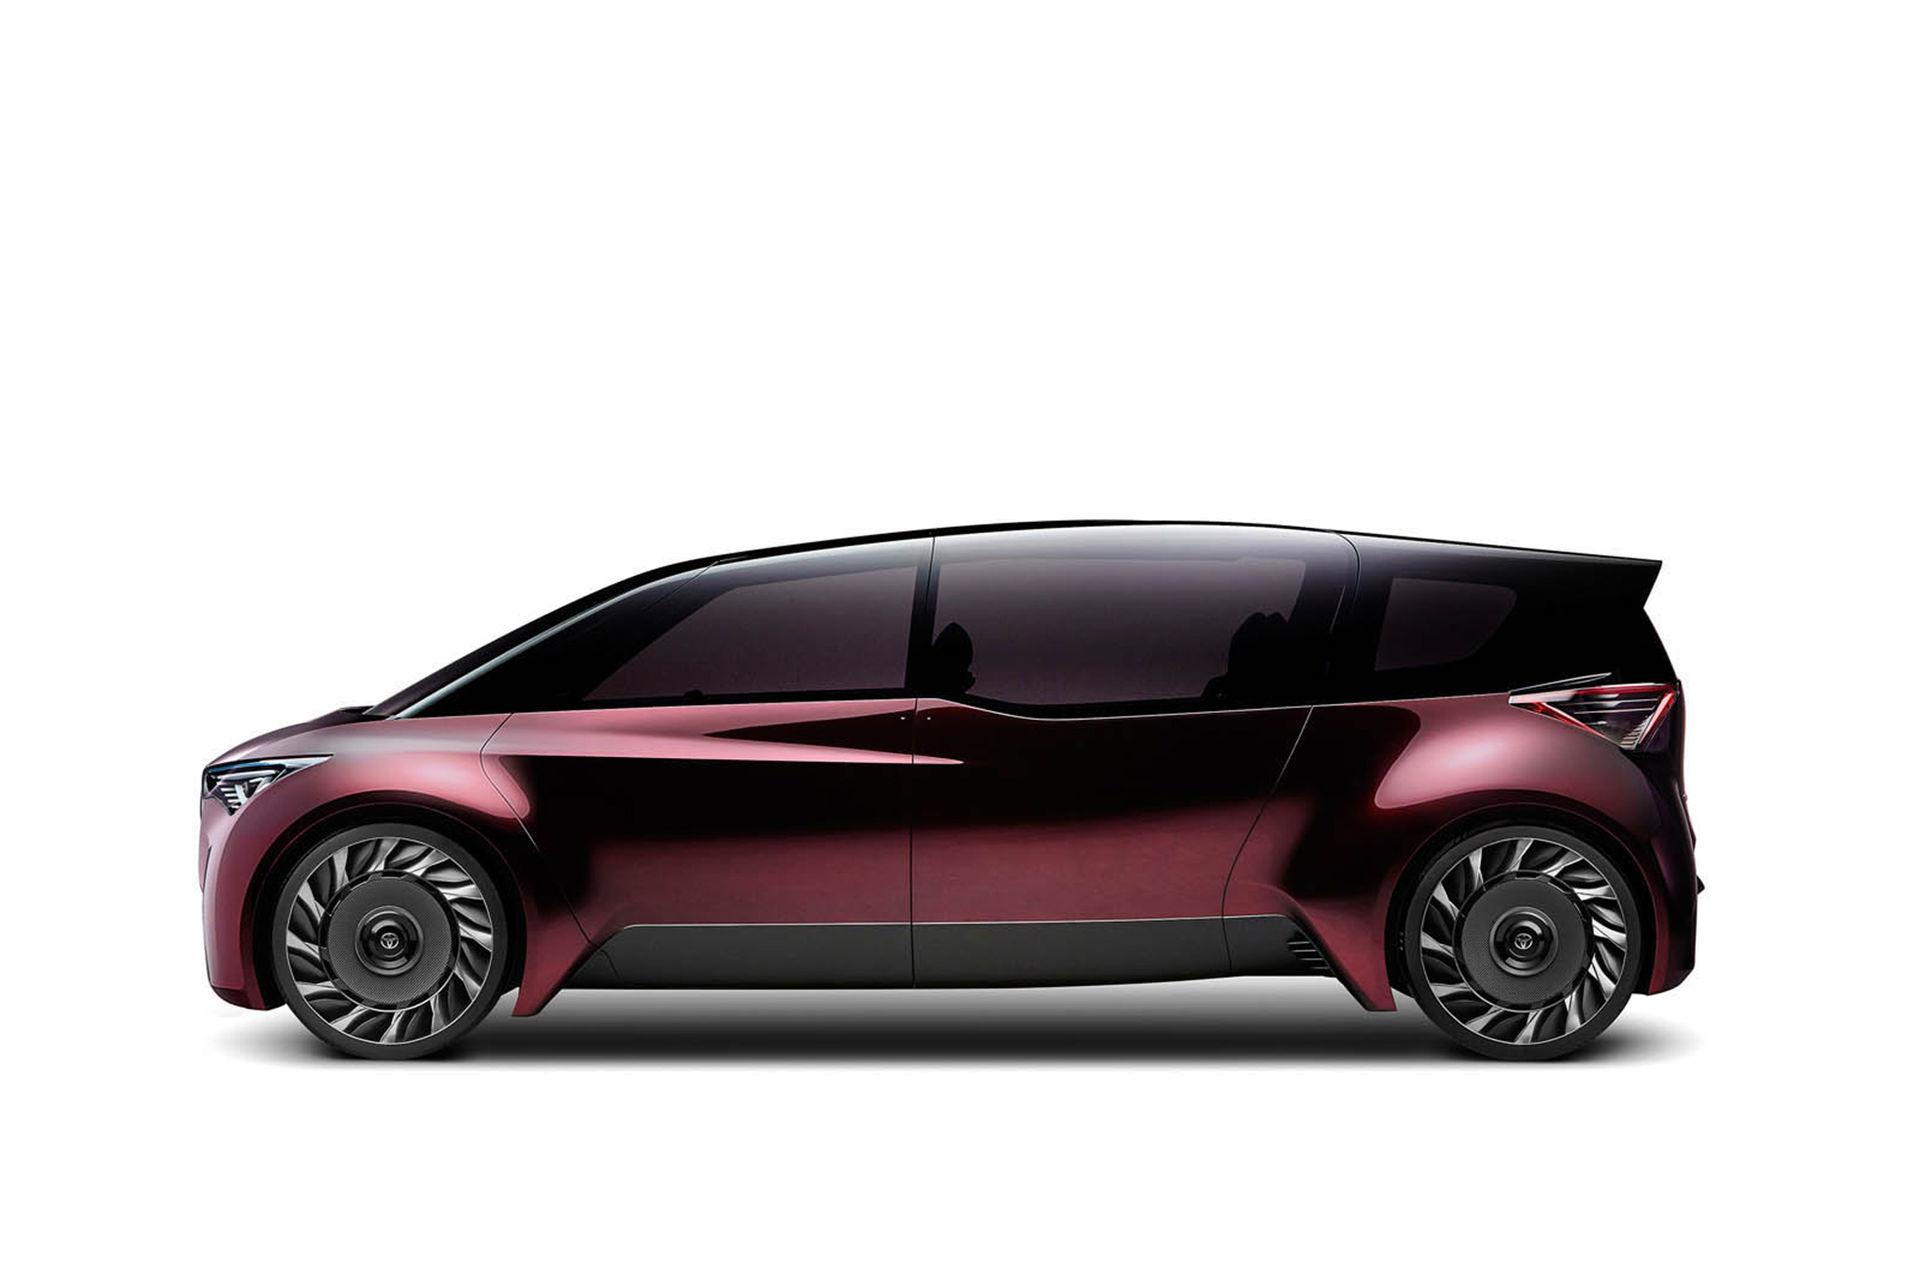 Vätgasdriven minibuss från Toyota